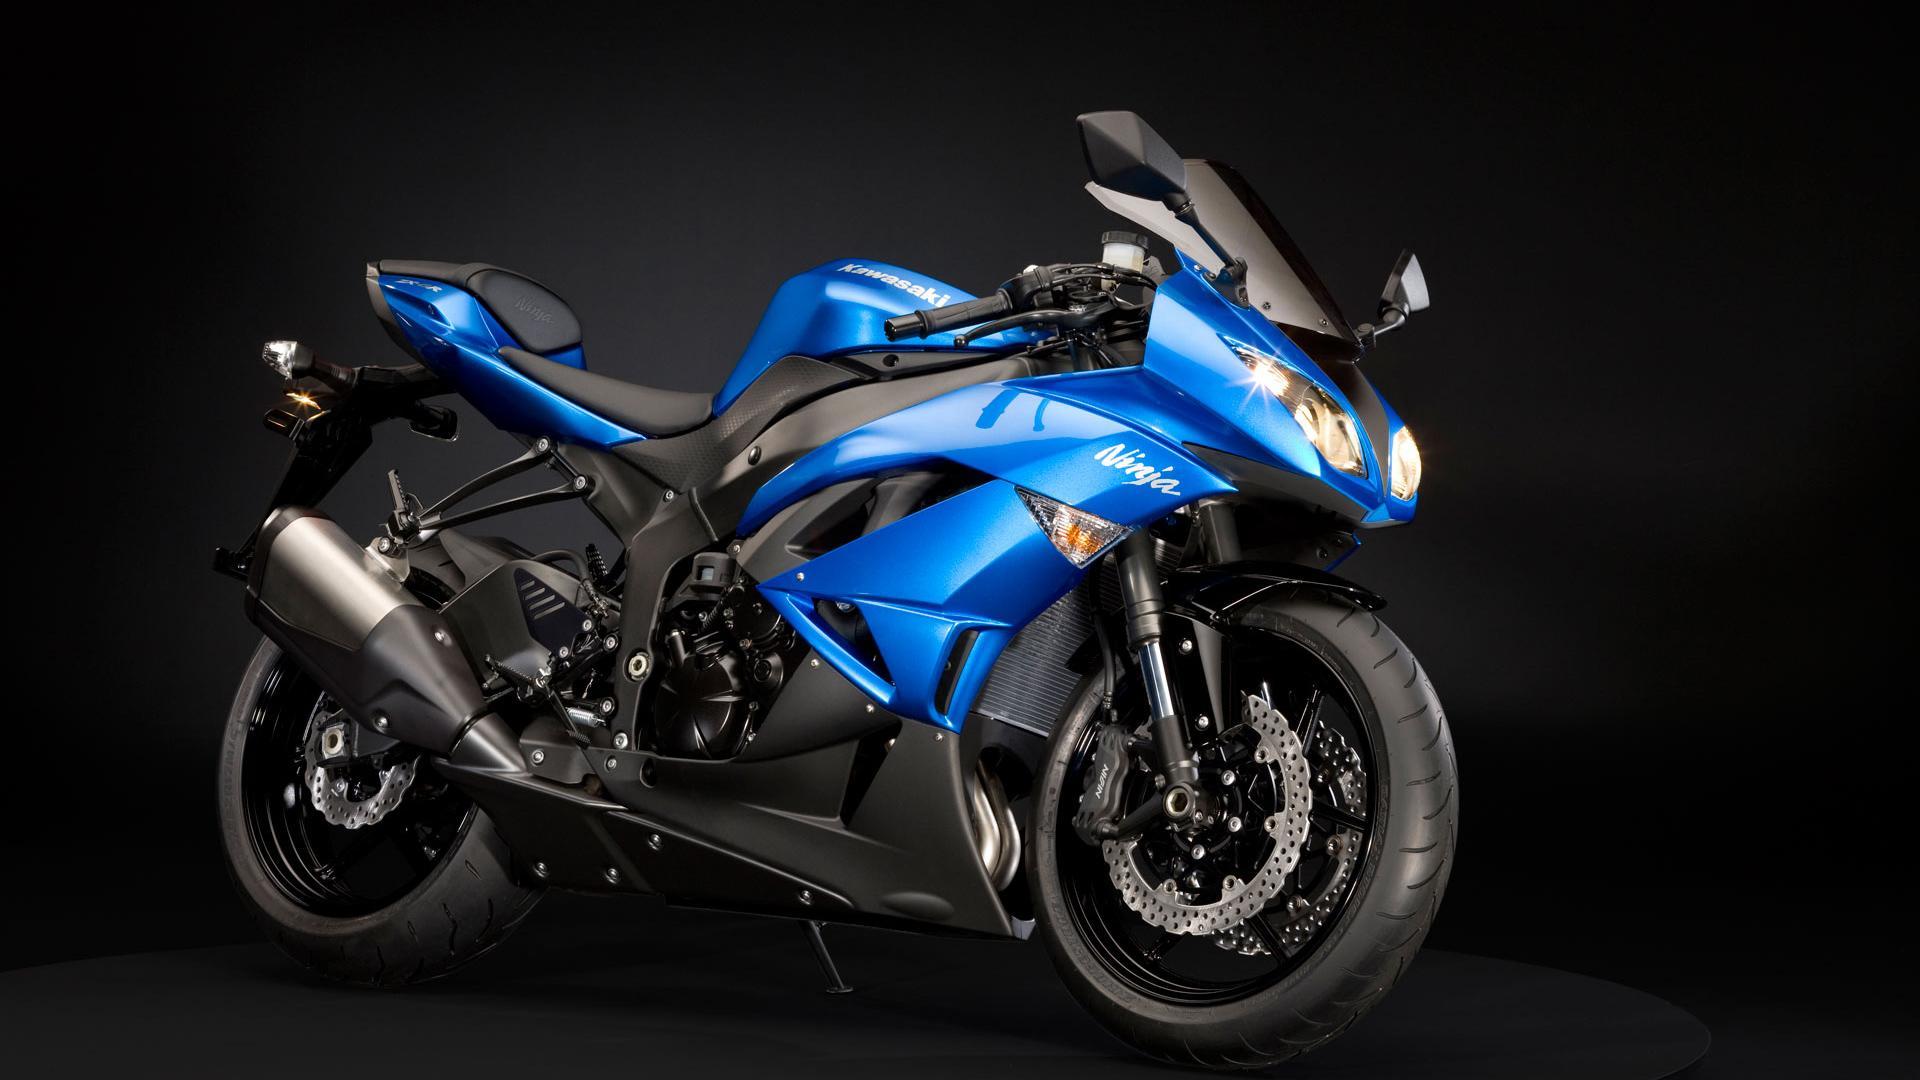 синий байк, мотоцикл, фото, обои